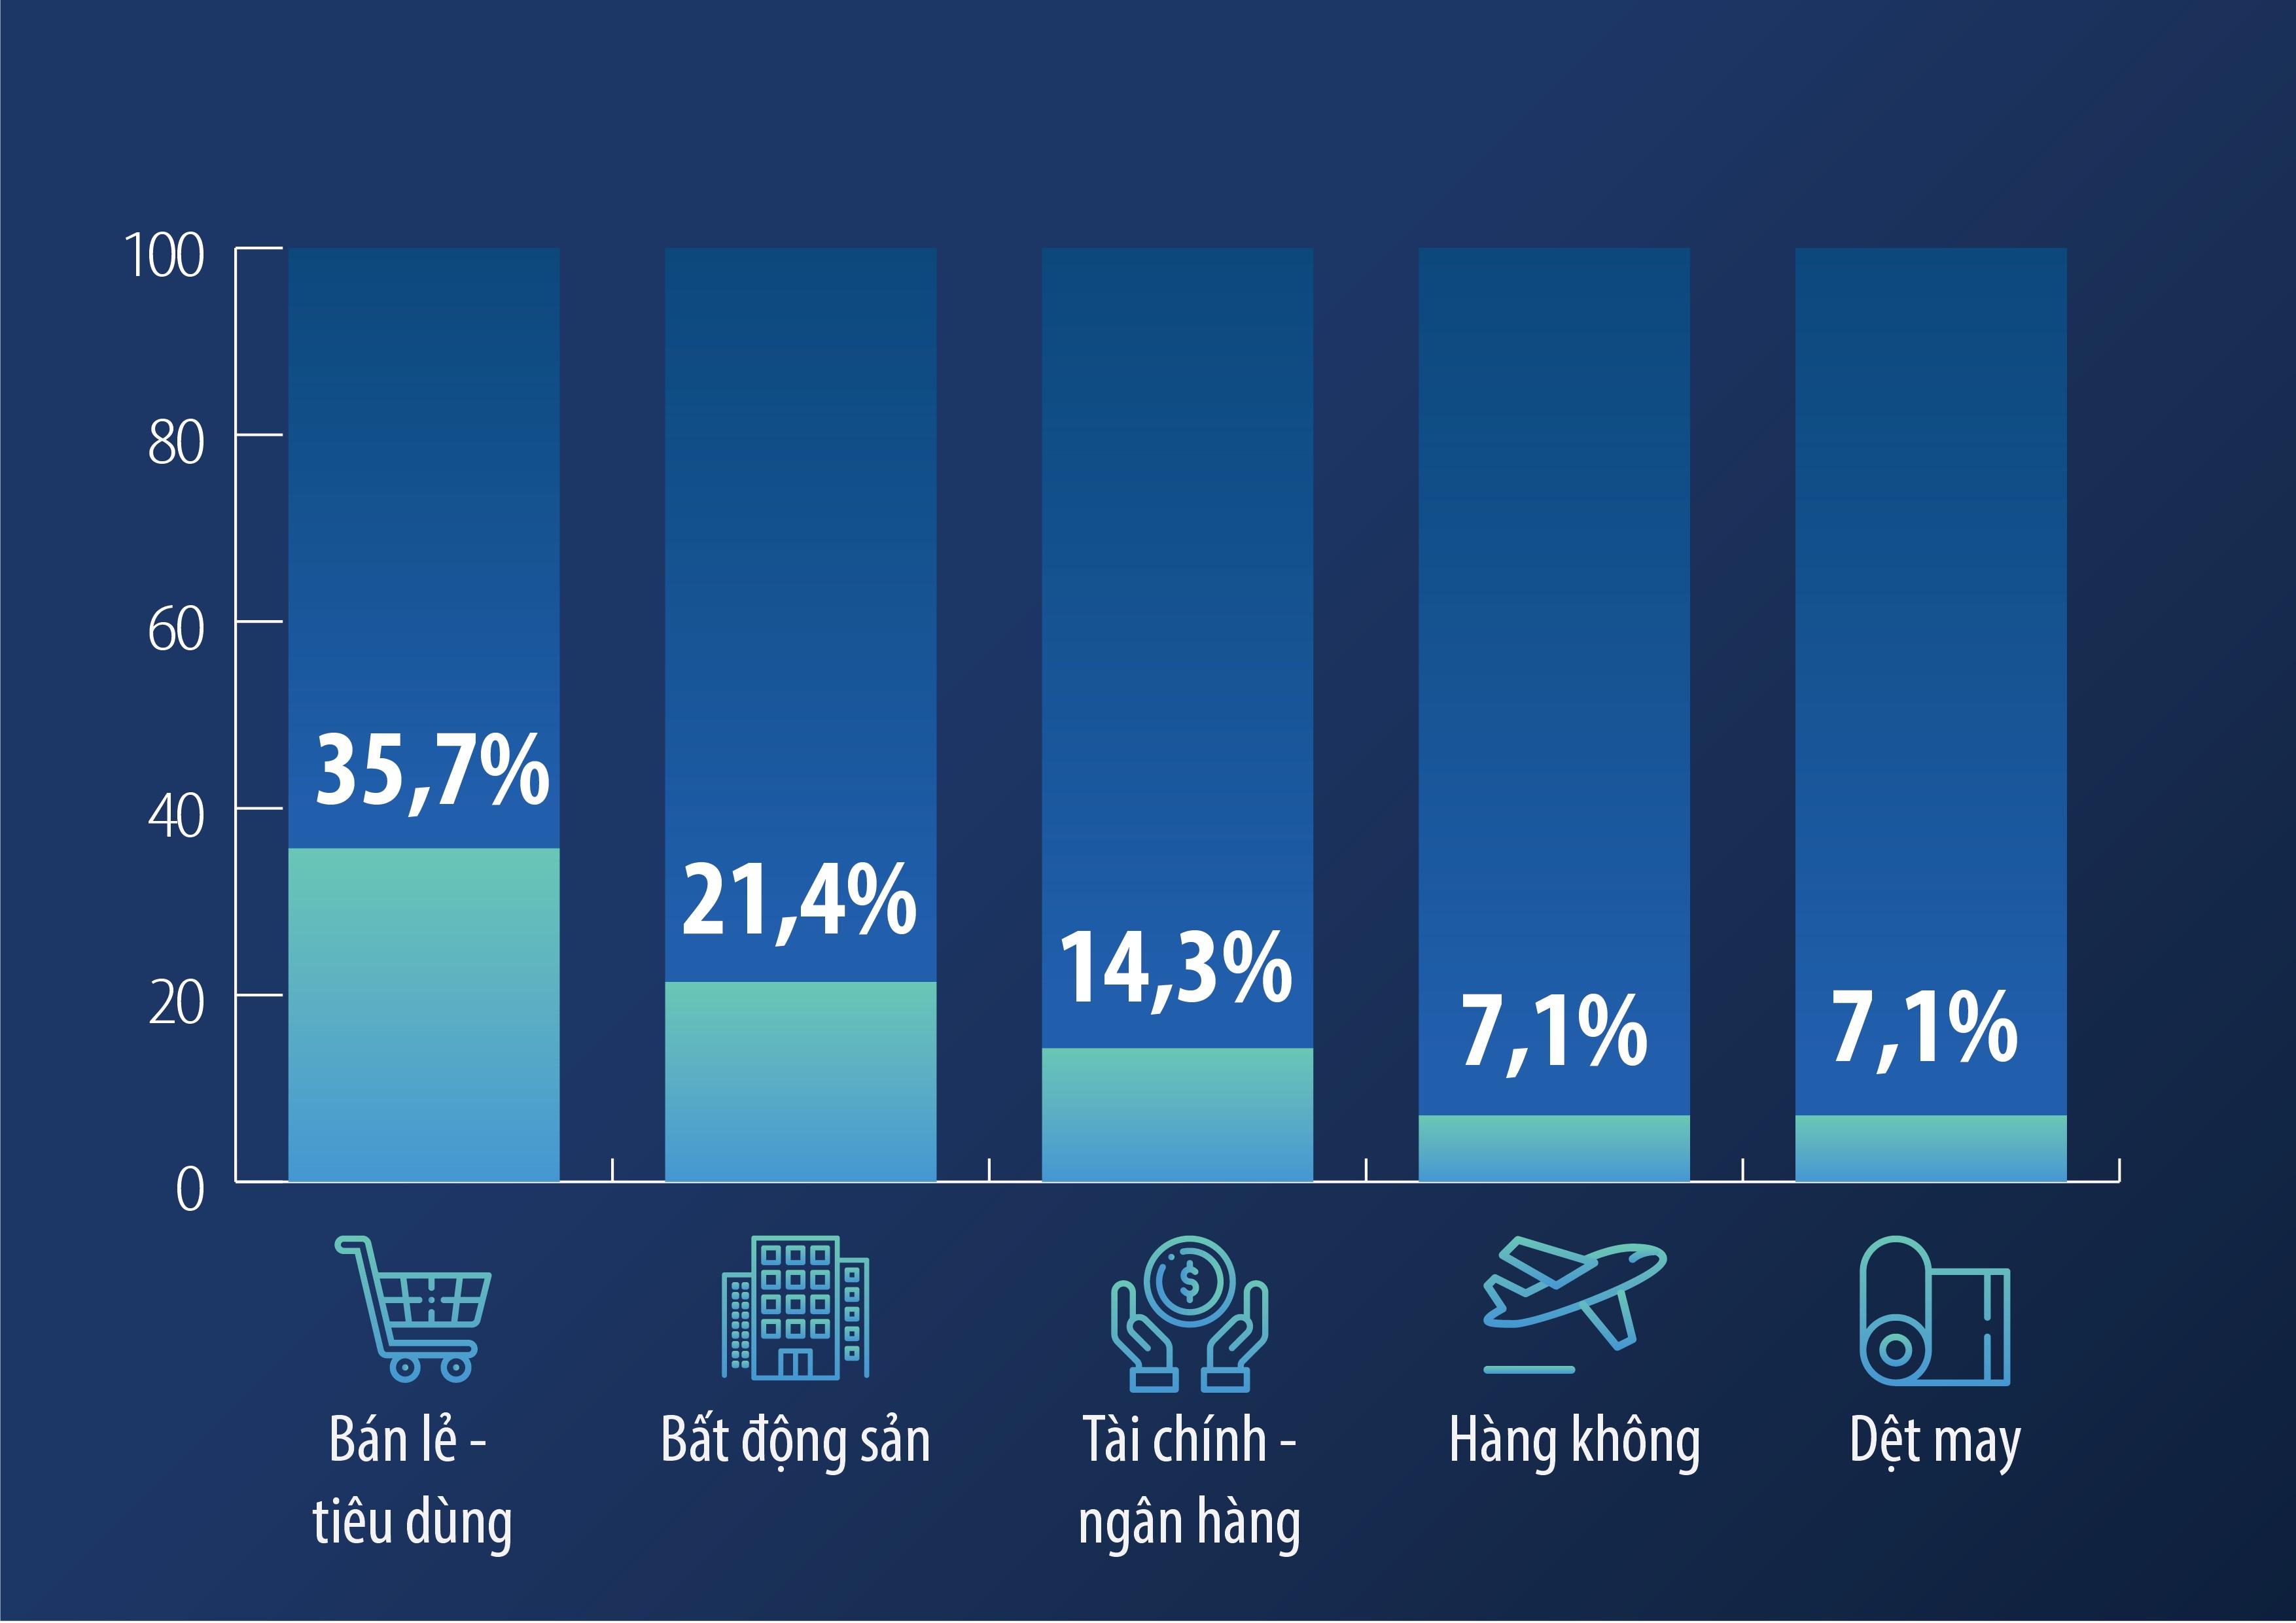 Tiềm năng tăng trưởng của thị trường chứng khoán nhìn từ các doanh nghiệp niêm yết uy tín